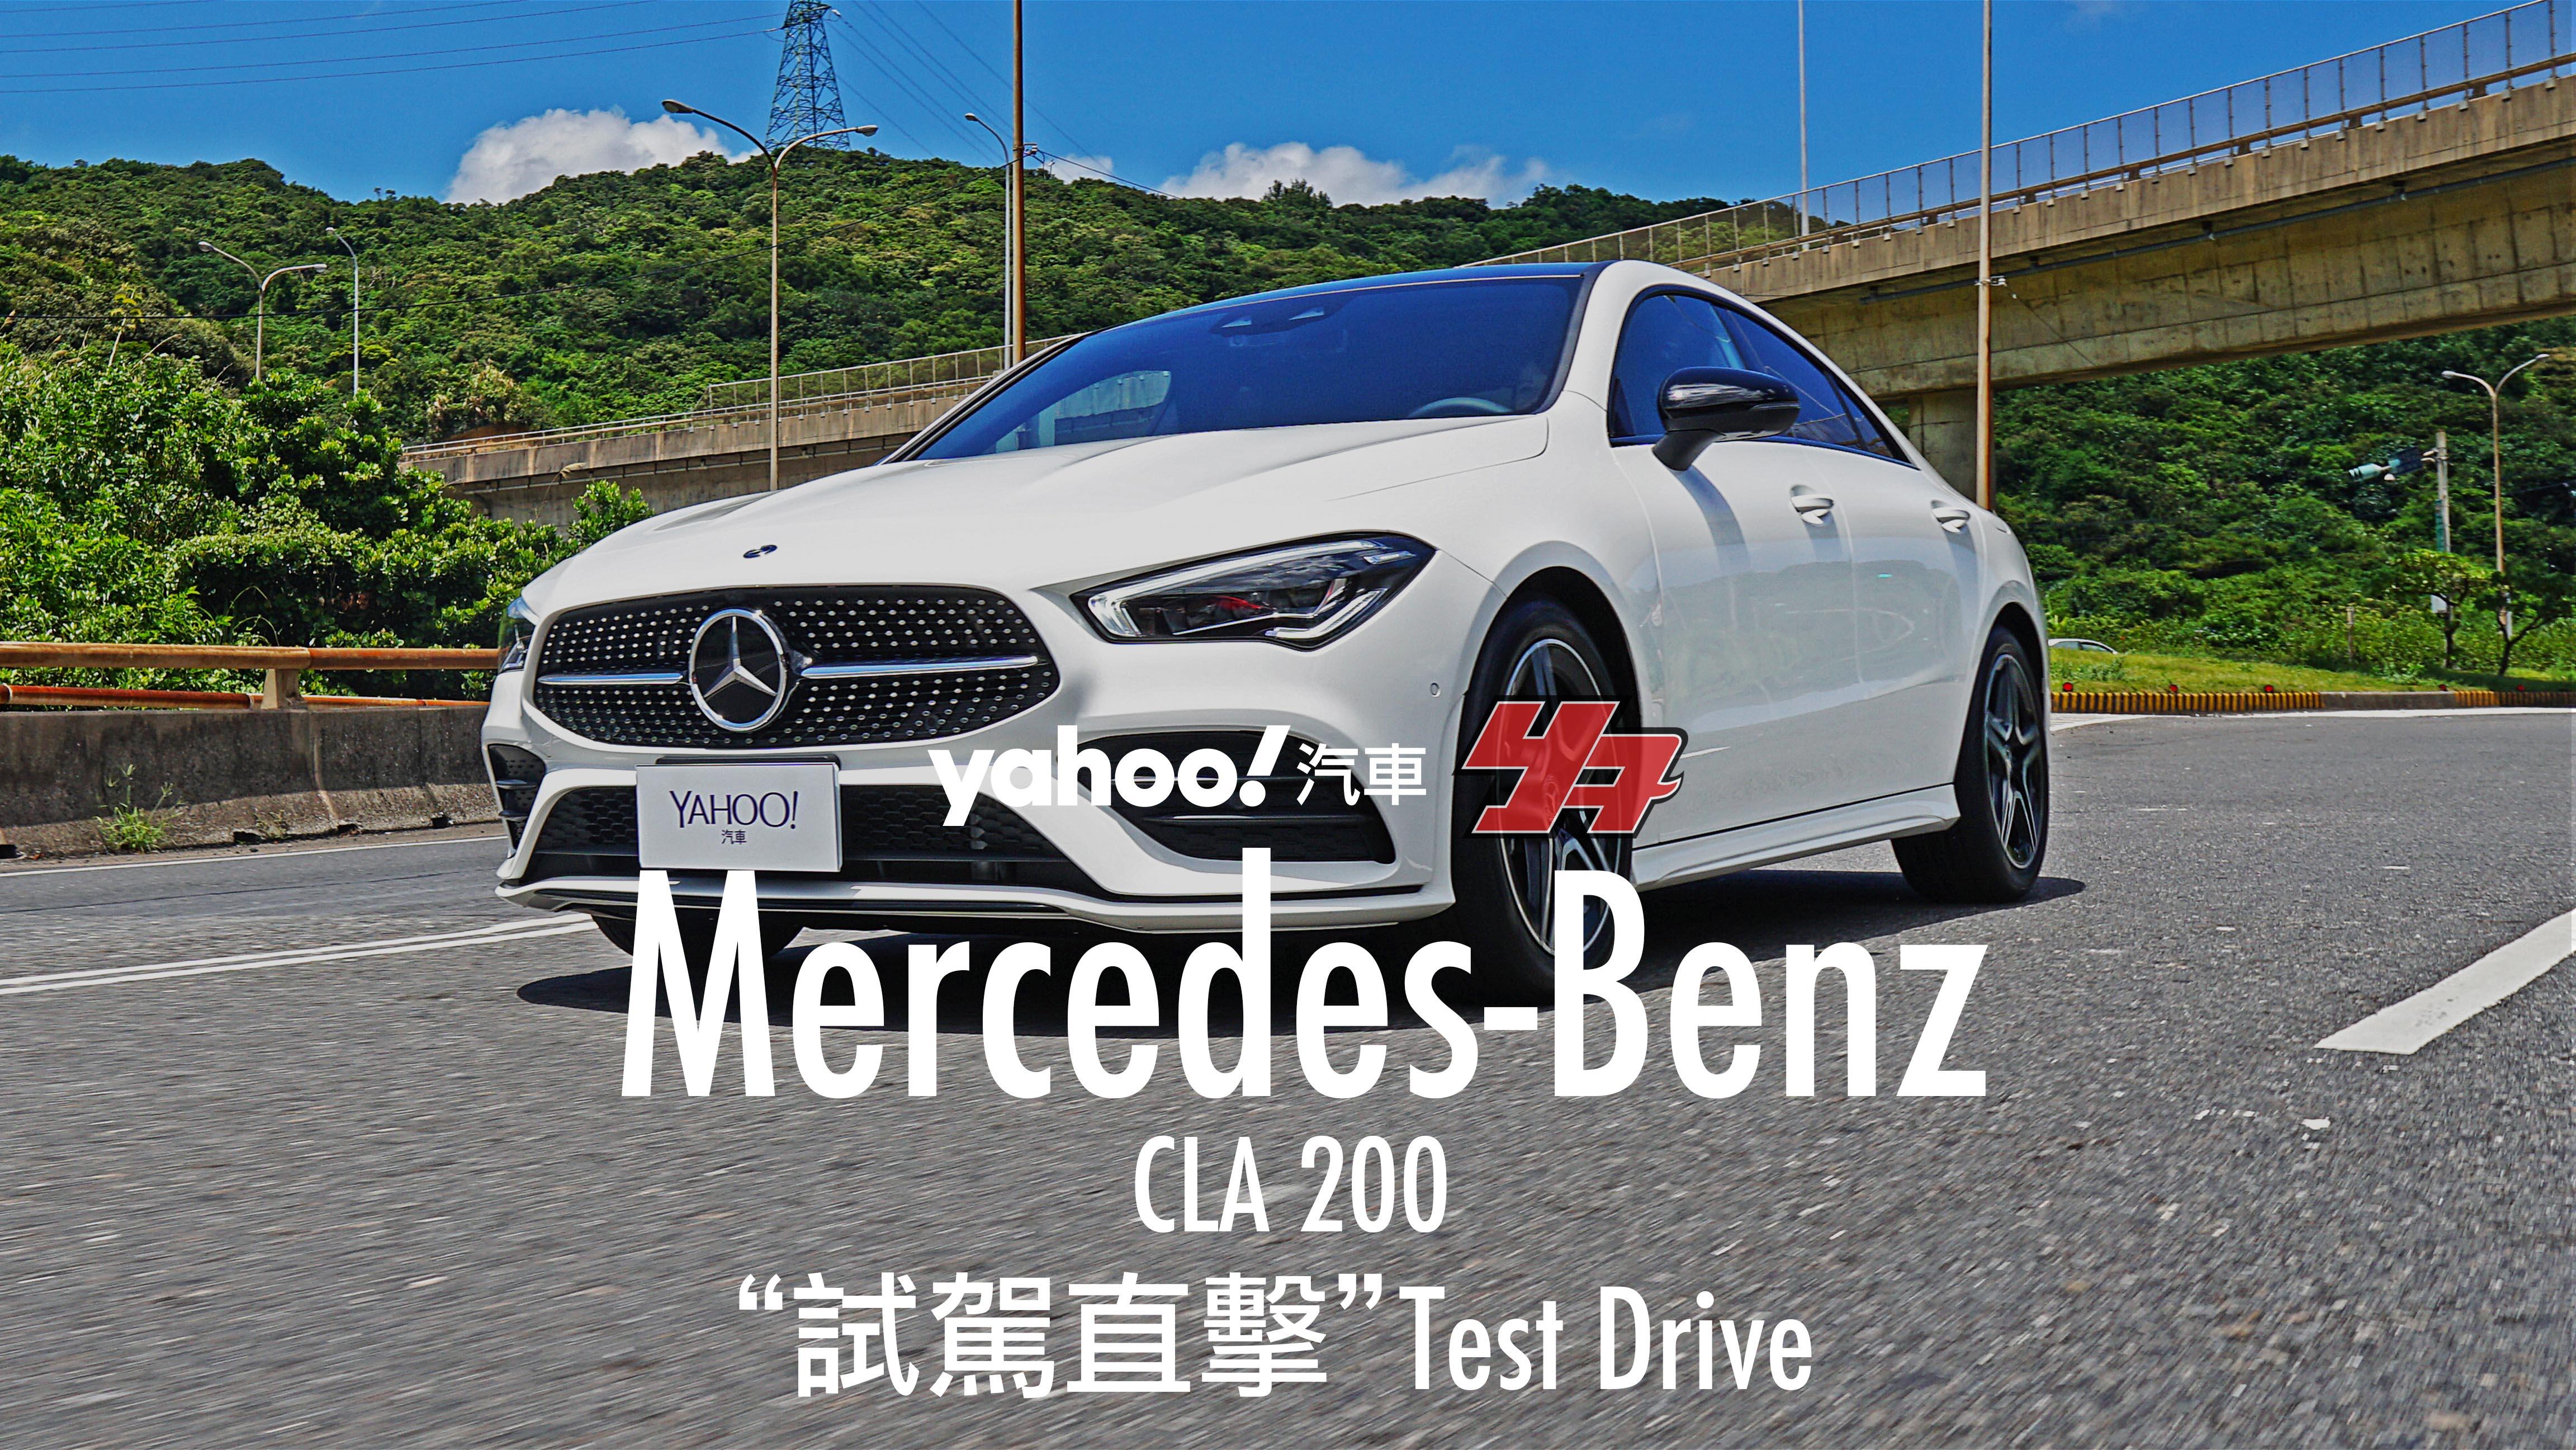 【試駕直擊】尋見駕馭、機能與品味的三芒平衡 Mercedes-Benz CLA 200 Coupé 山海試駕